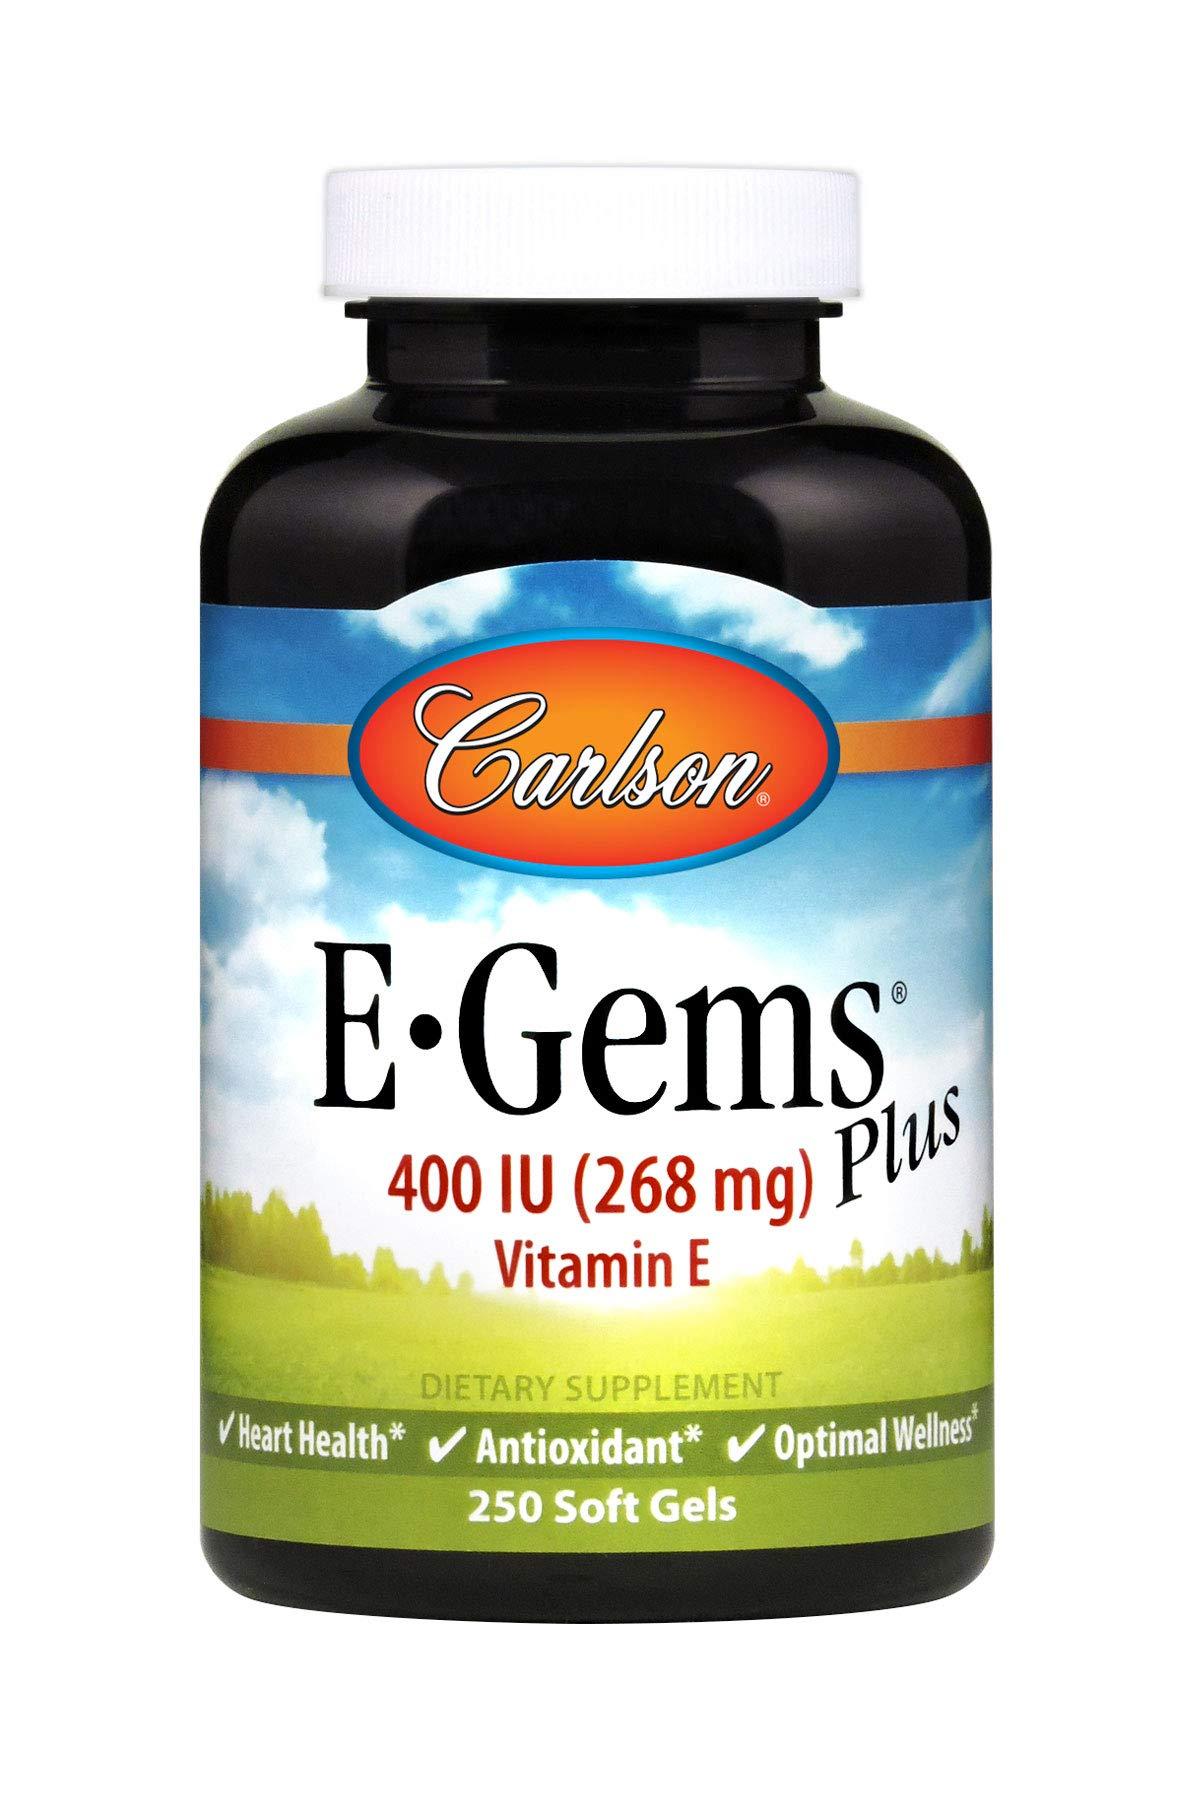 Carlson E-Gems Plus 400 IU, Vitamin E, Heart Health, 250 Soft Gels